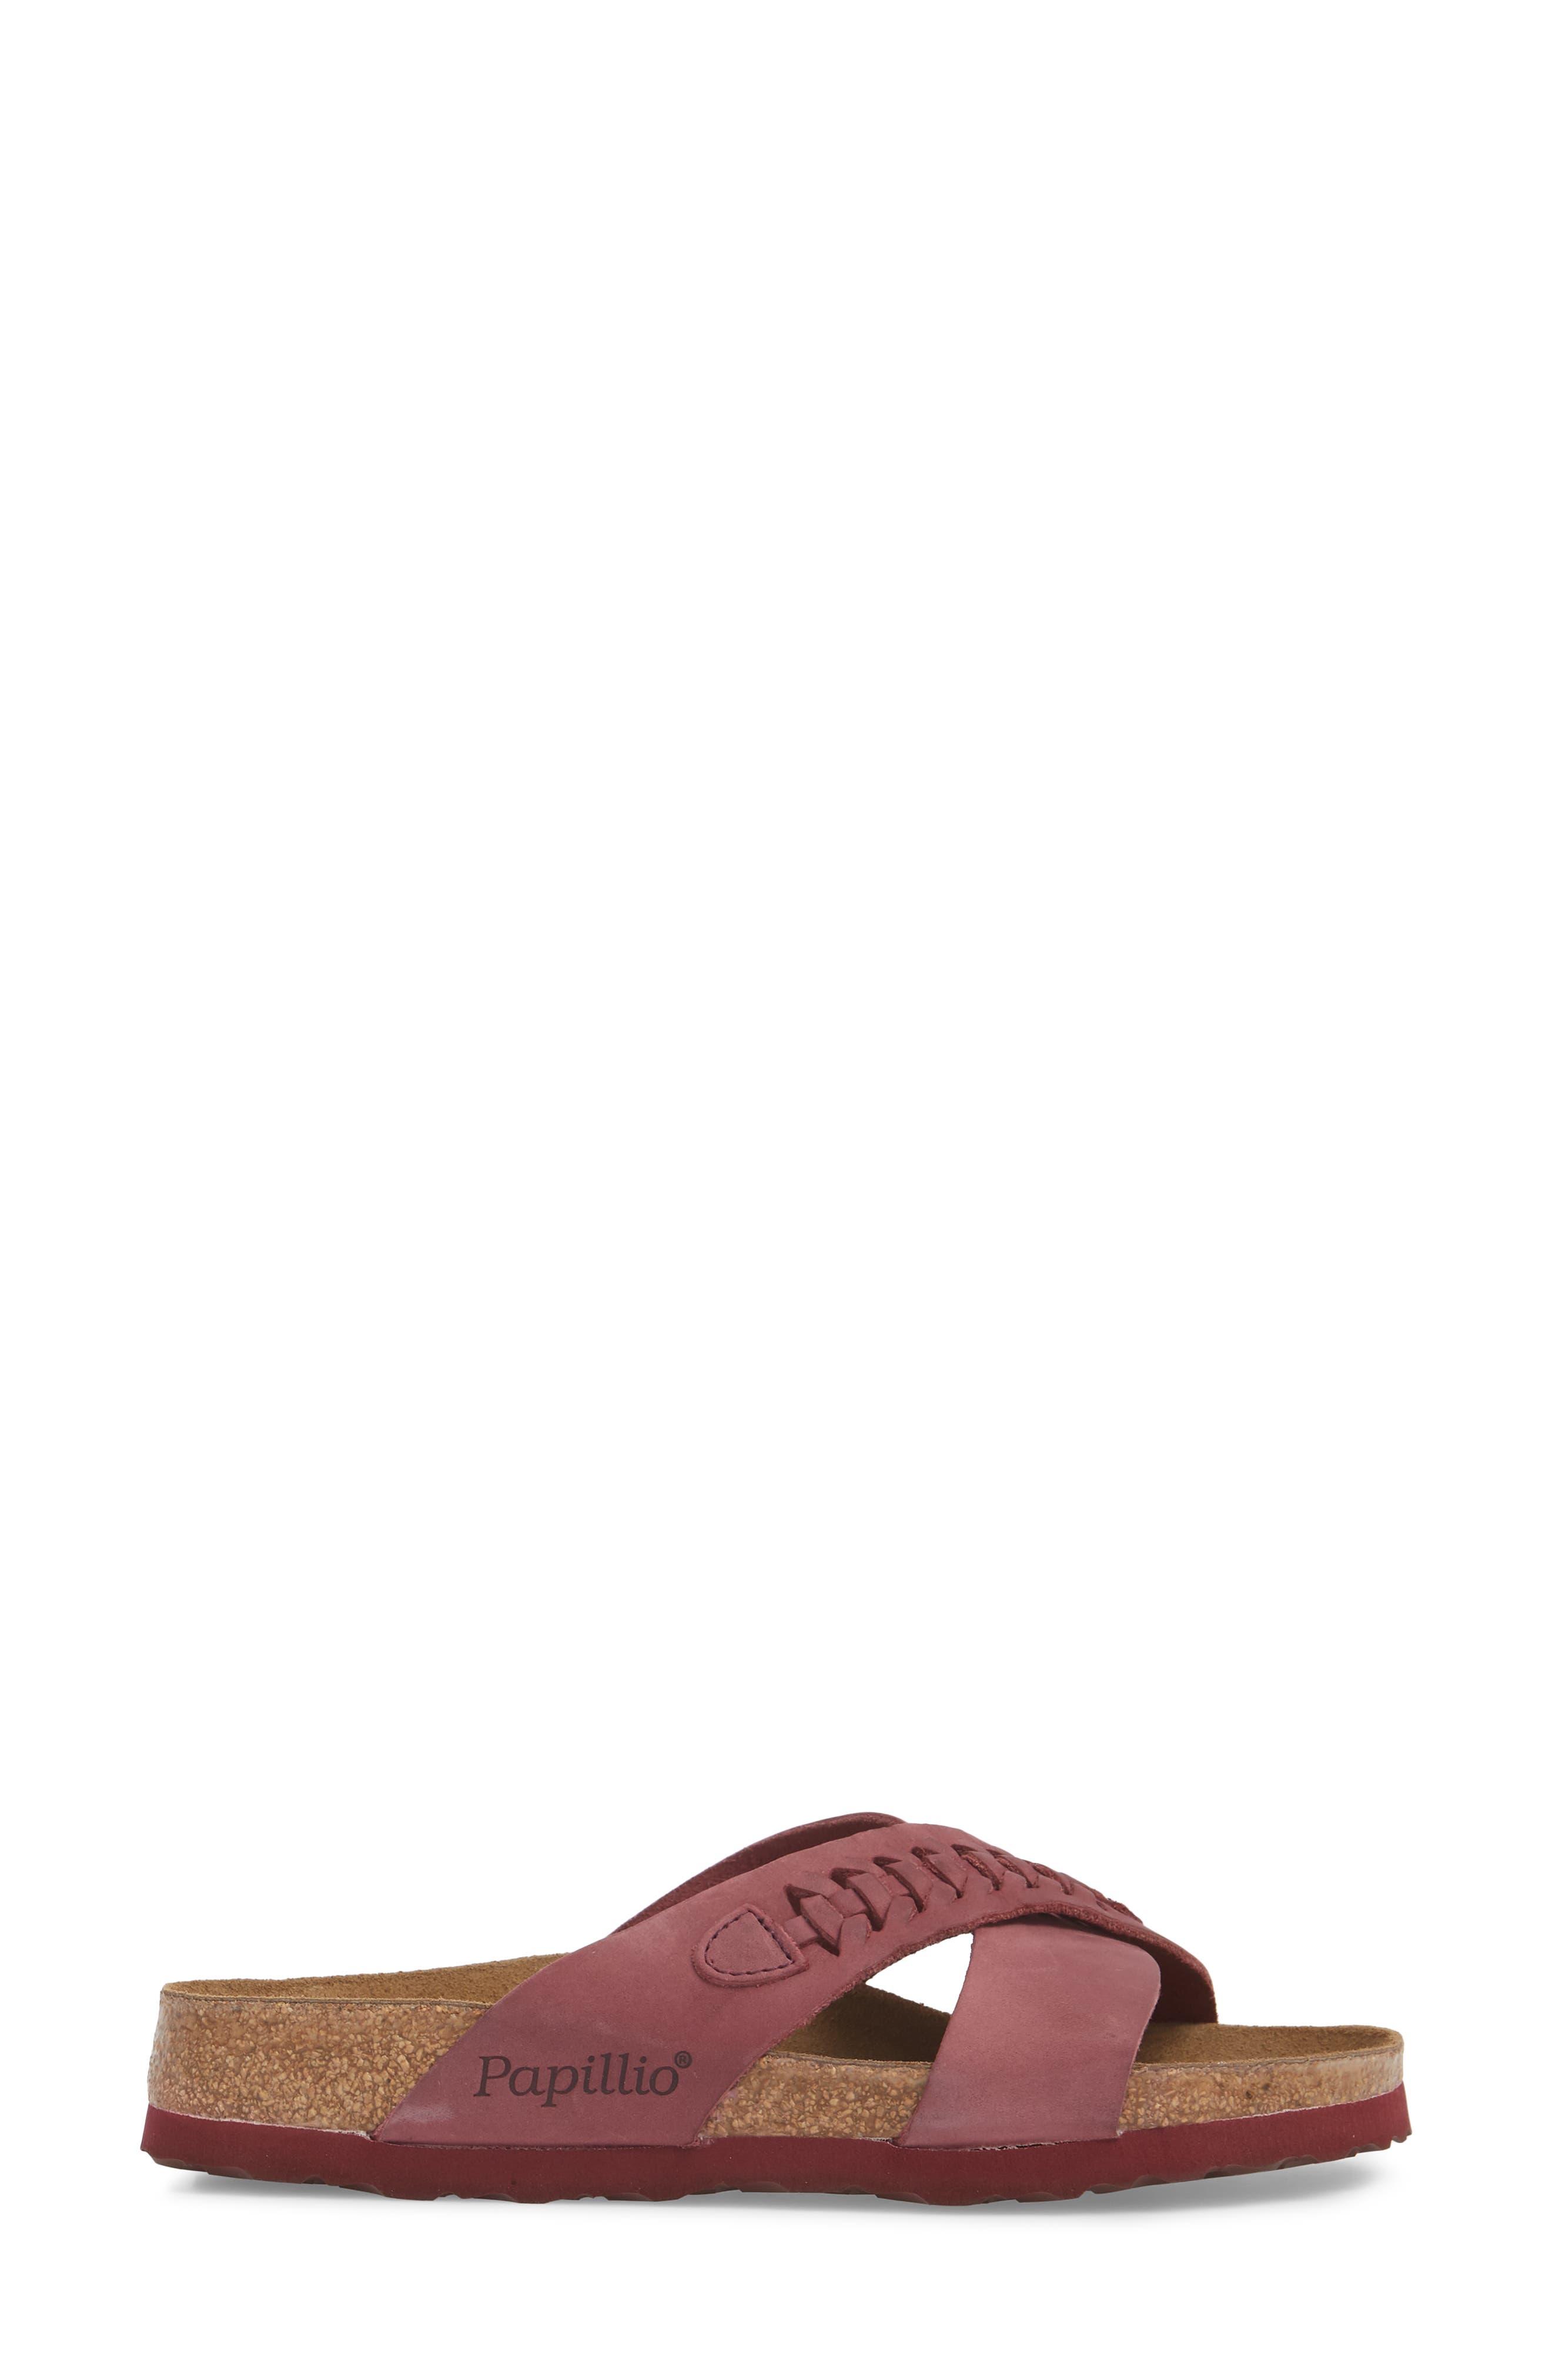 Papillio by Birkenstock Daytona Slide Sandal,                             Alternate thumbnail 3, color,                             Woven Wine Nubuck